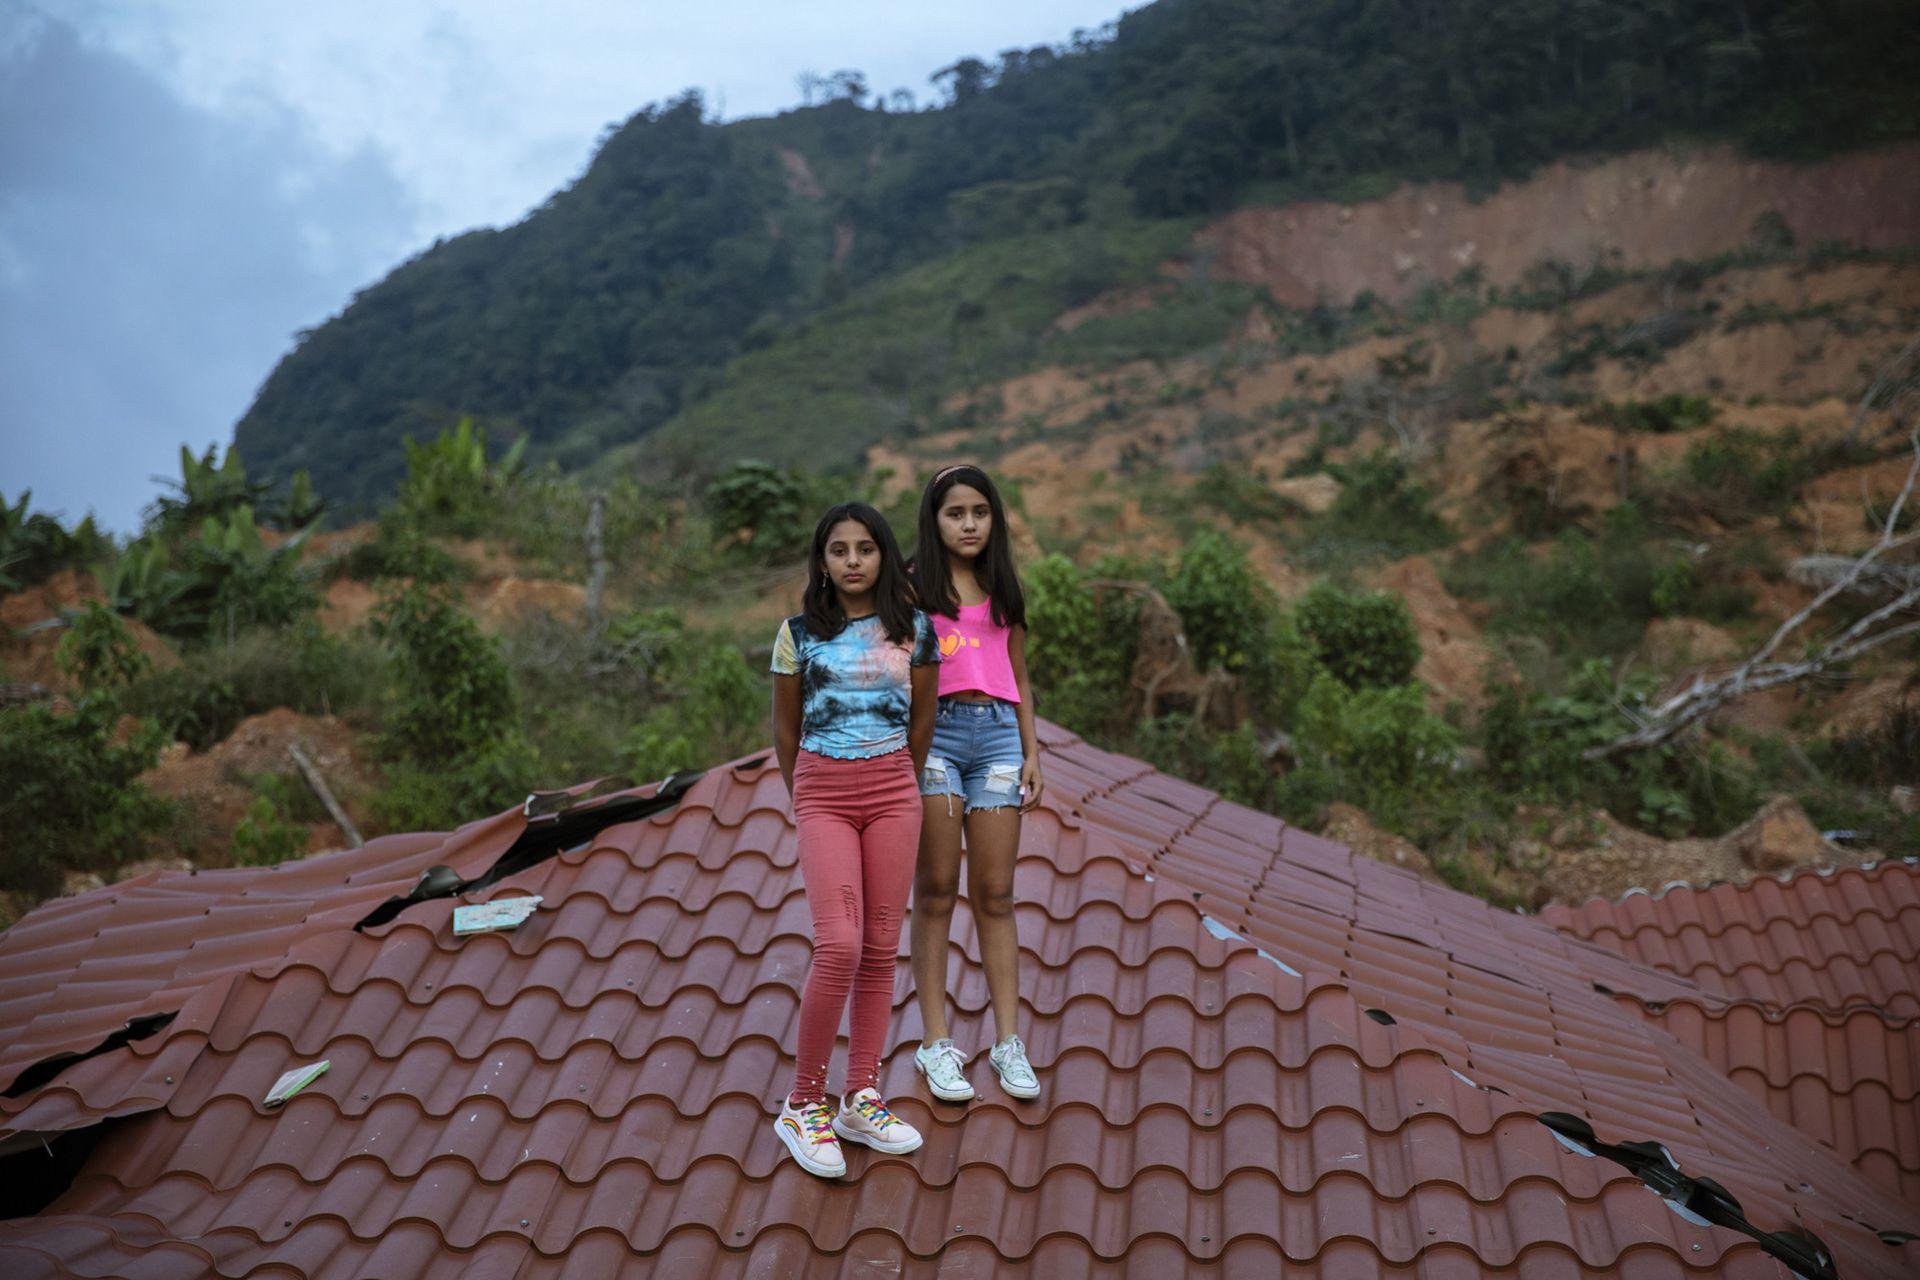 Las gemelas Dulce Alejandra Mejía, y Genesis Mejía, de 12 años, posan sobre el techo de la casa de su vecino devastada por los huracanes en el poblado de La Reina. Sus padres viven en España